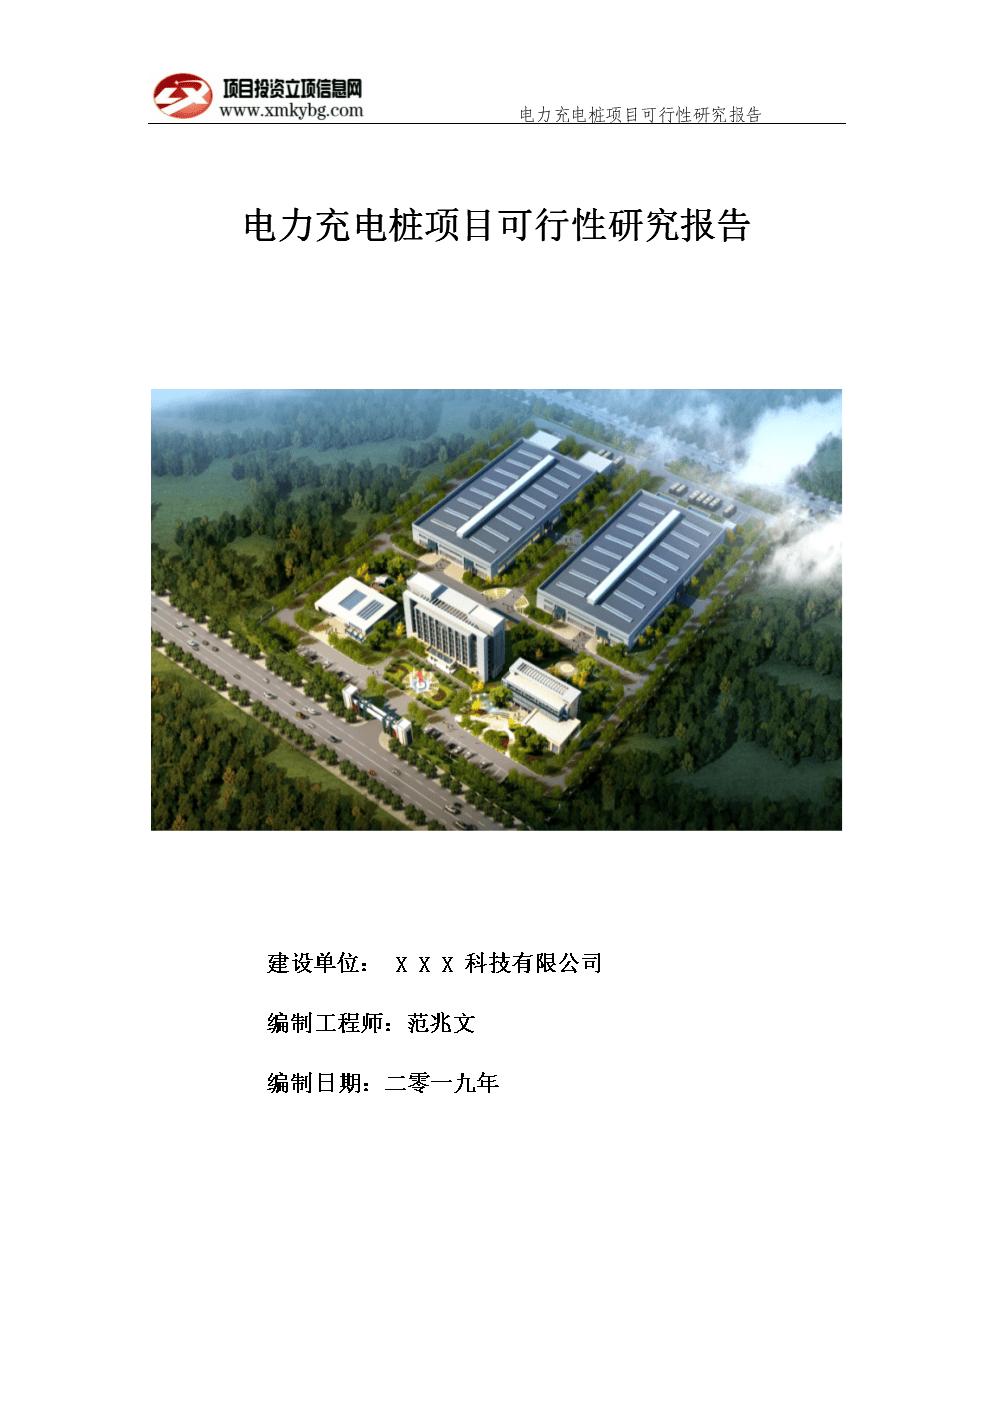 电力充电桩项目可行性研究报告-用于备案立项.doc